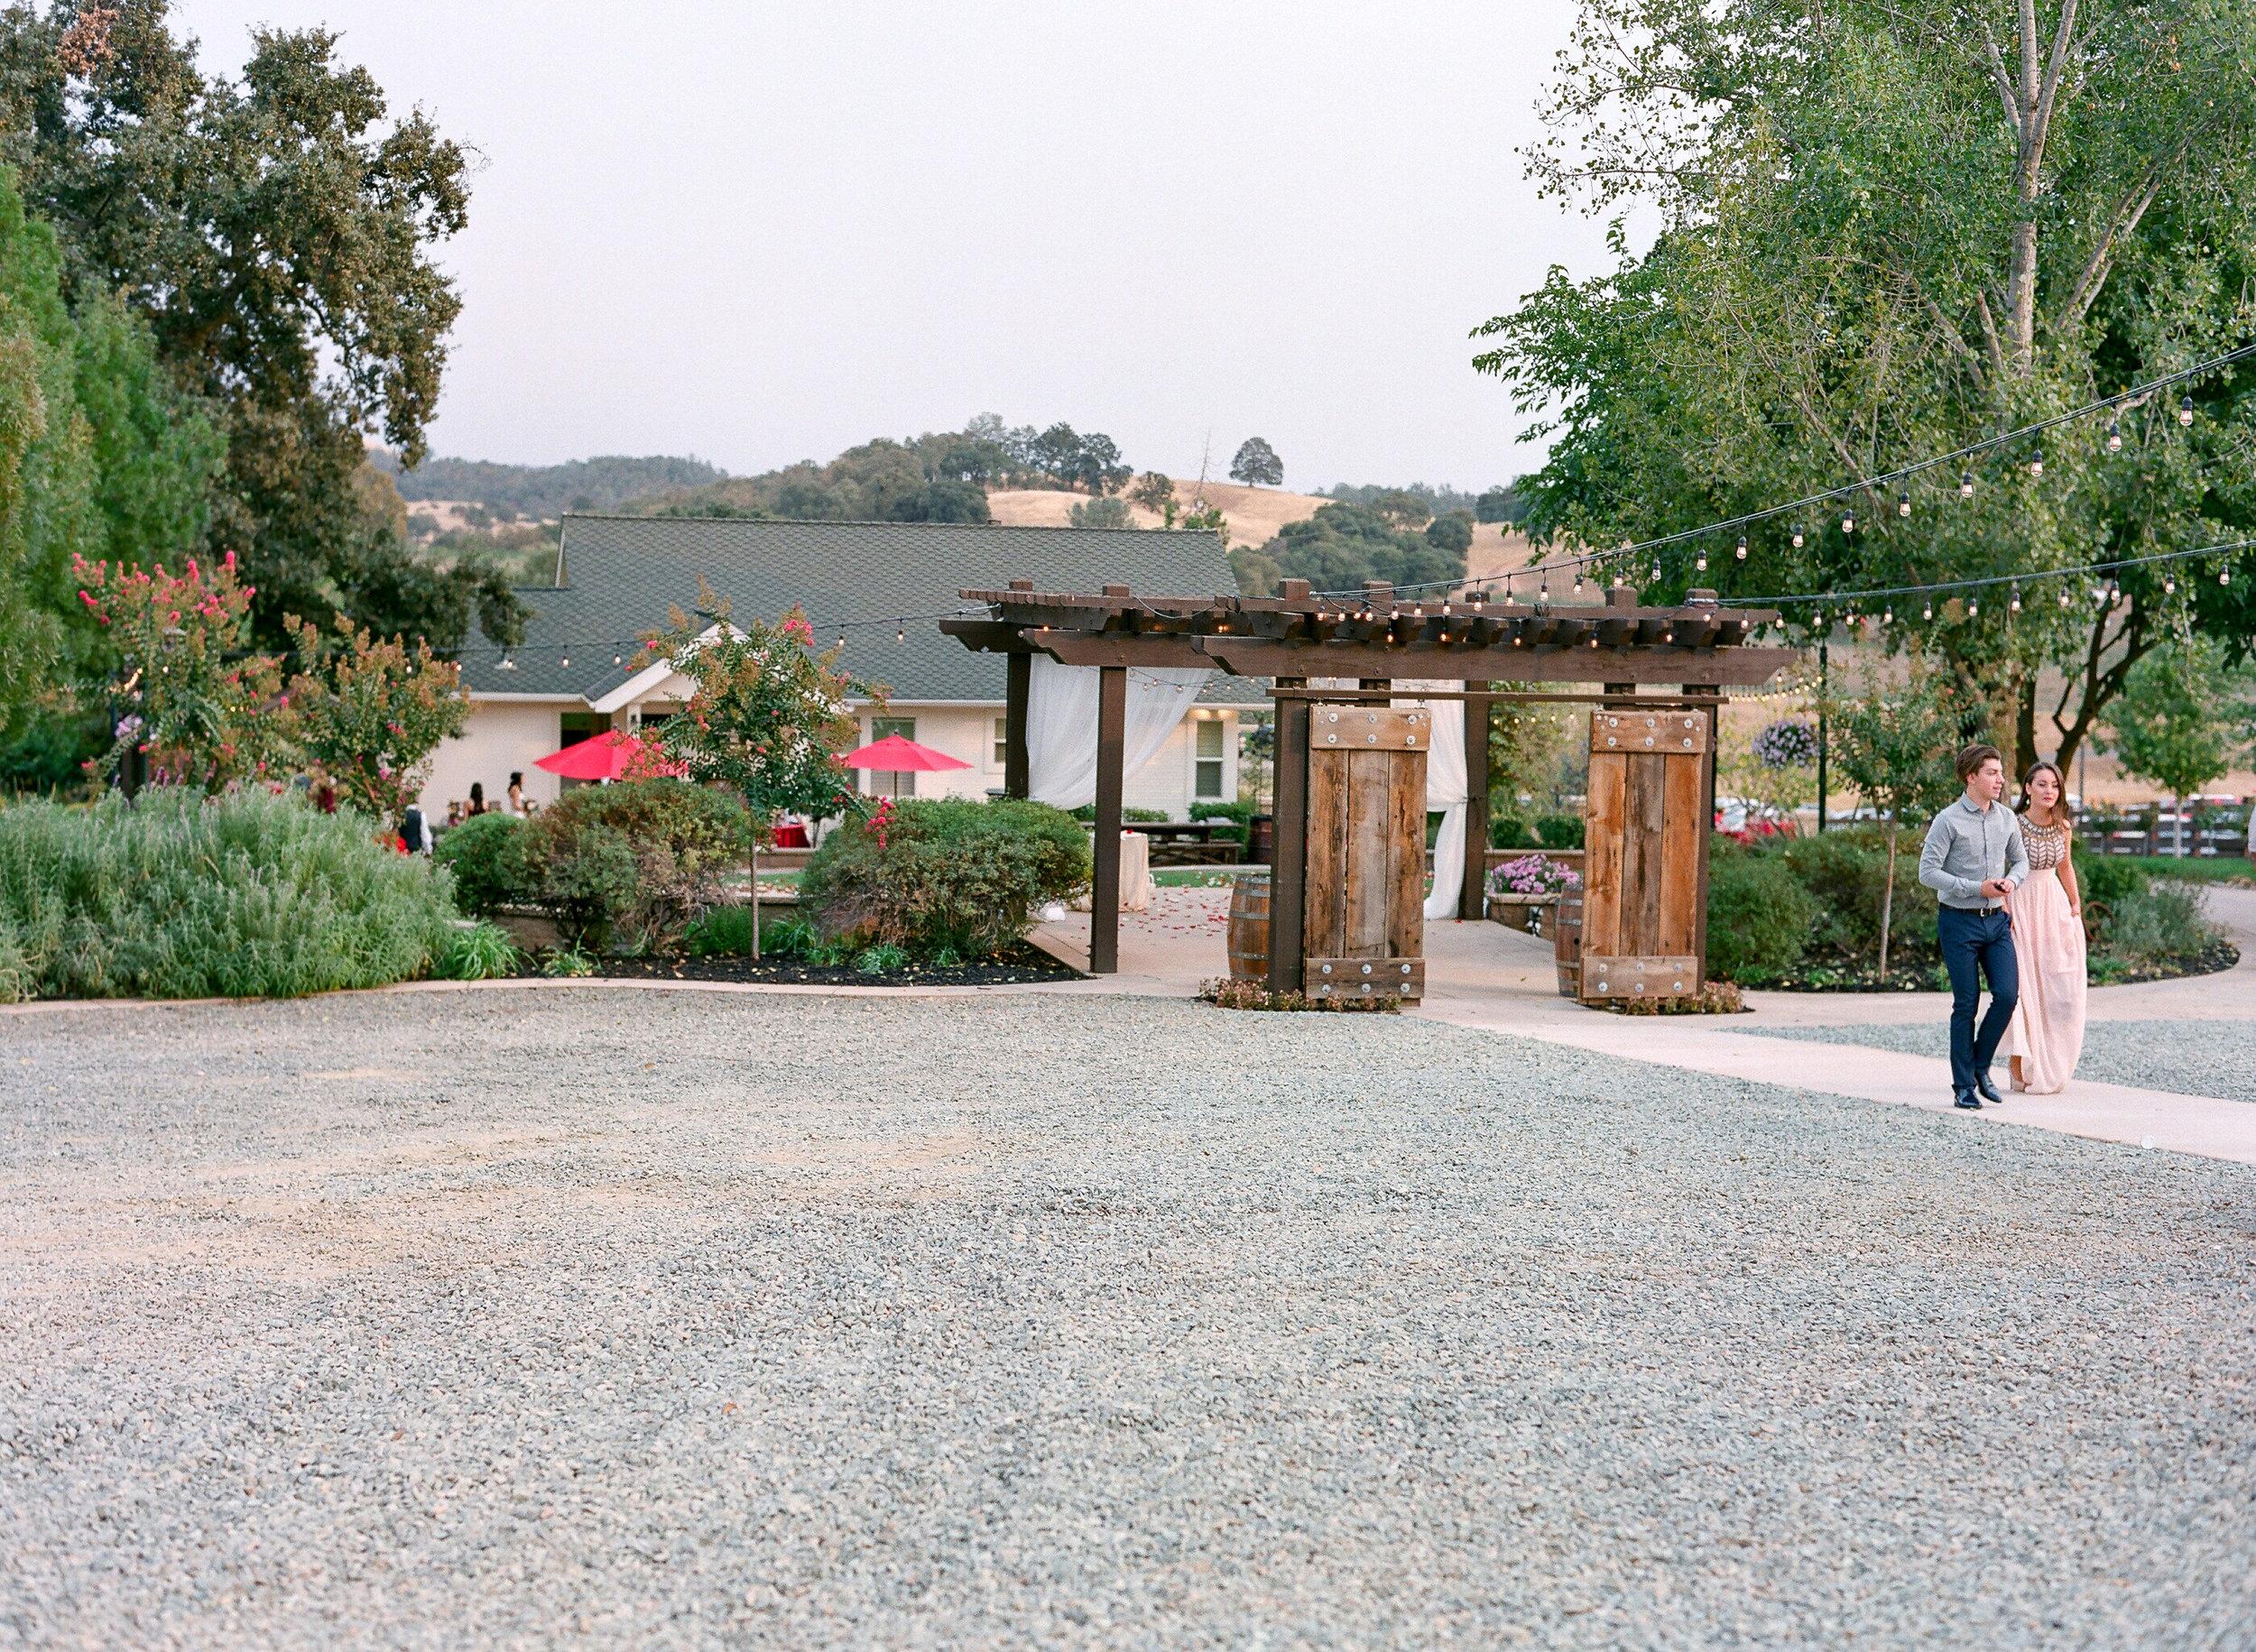 Amador_County_Wedding_Guests_Gazebo_Draping_Rancho_Victoria_Vineyard_Northern_California.jpg